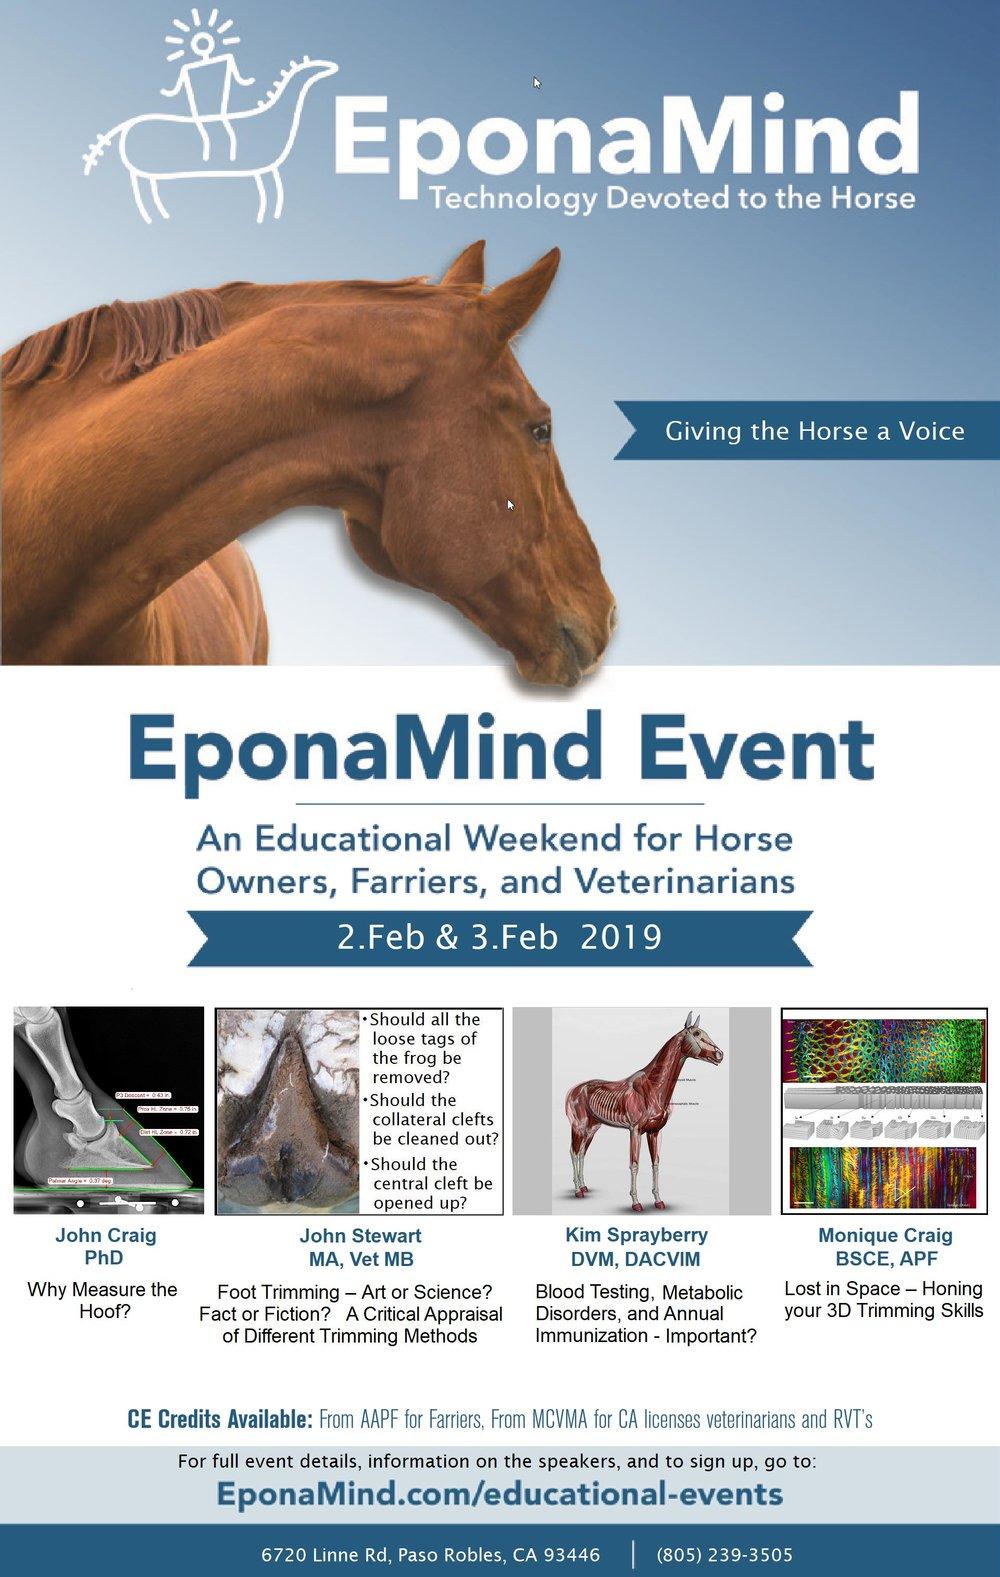 EponaMind Equine Educational Event Flyer